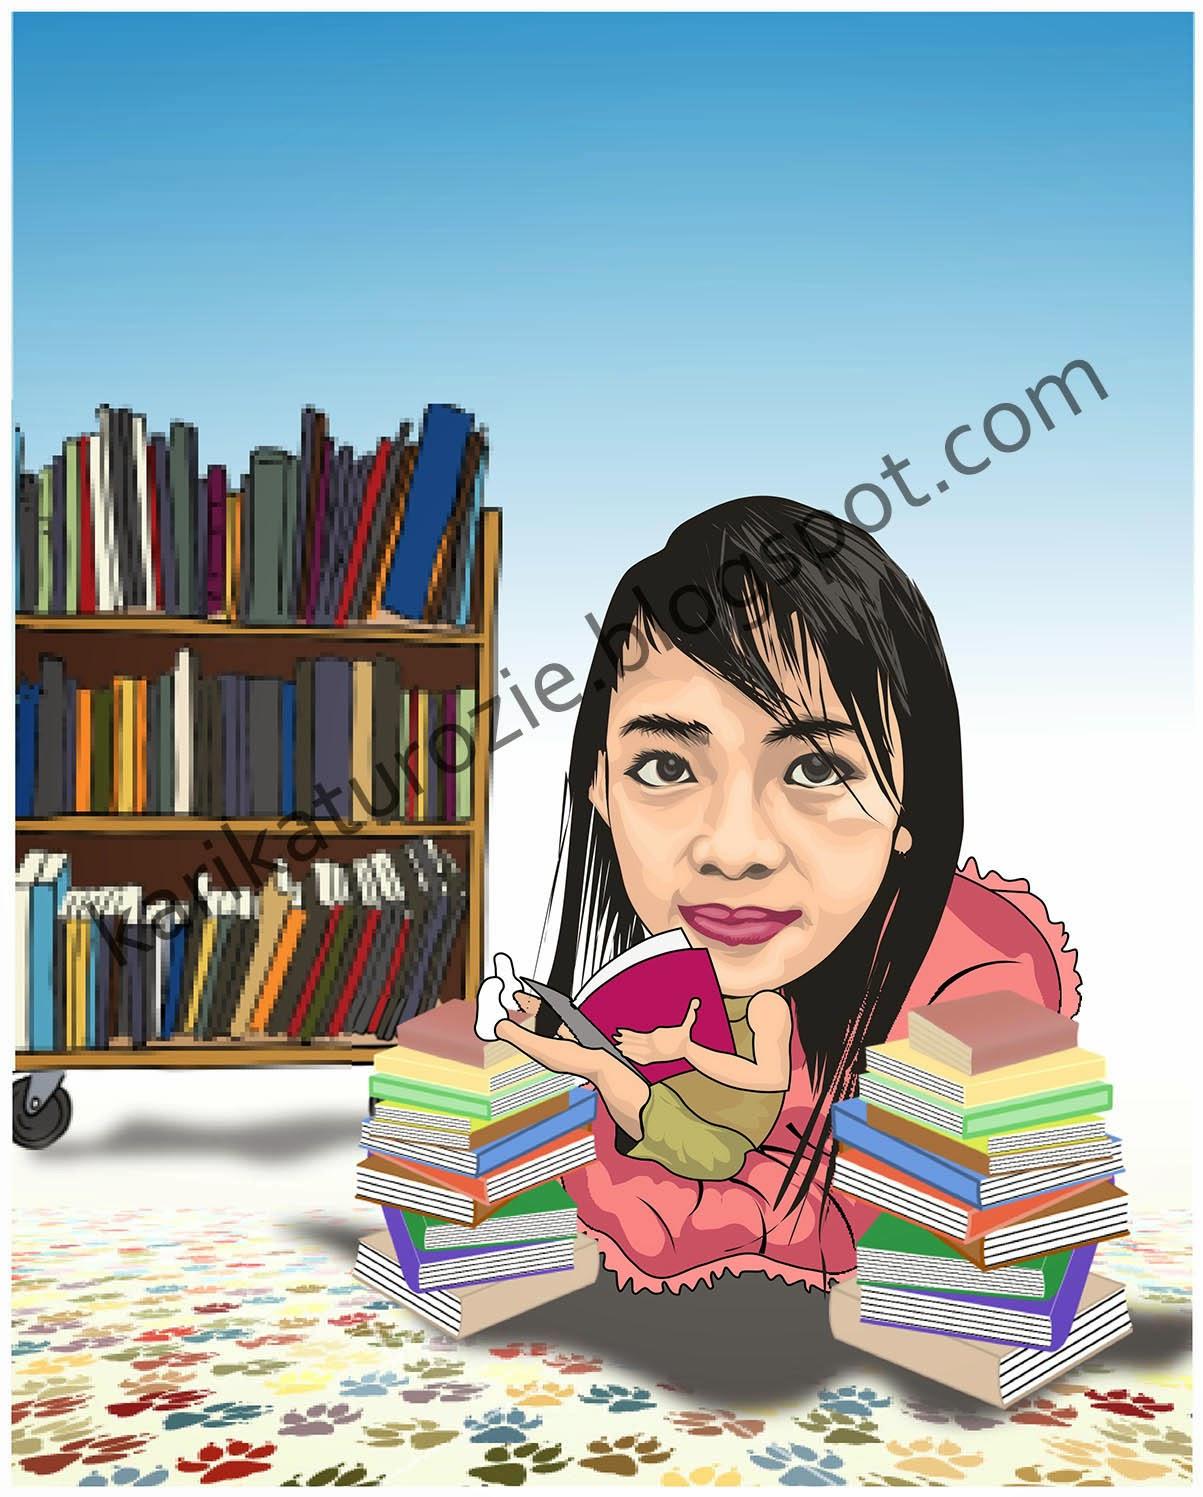 Karikatur Lucu Gadis Kecil Membaca